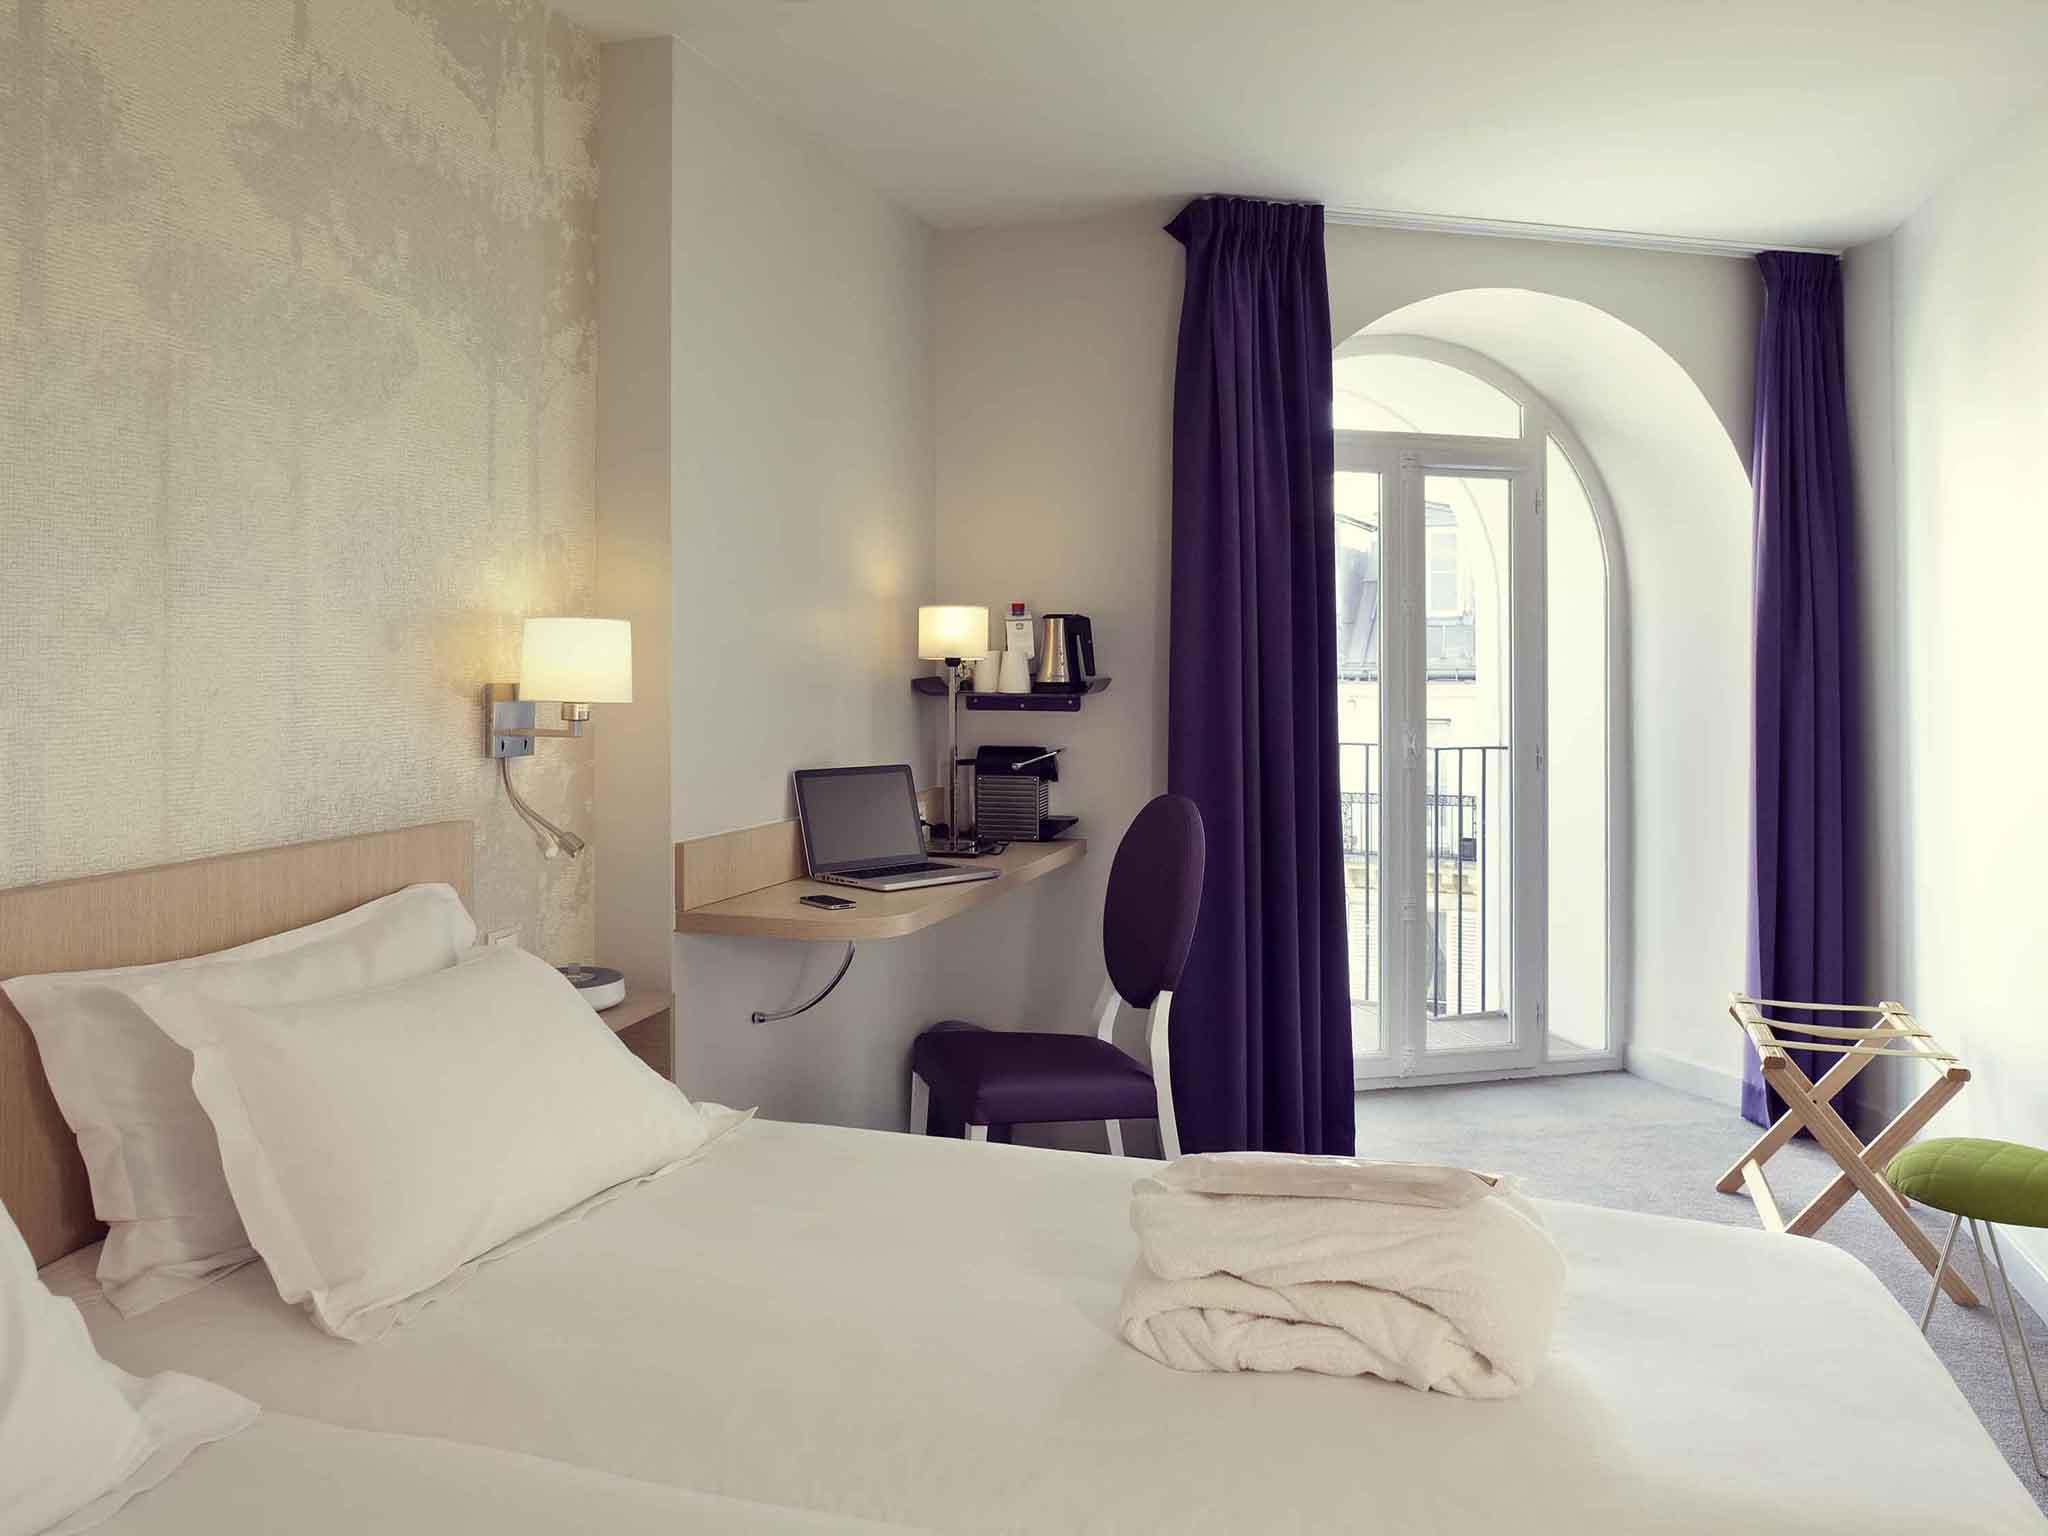 酒店 – 巴黎圣母院圣日耳曼德佩美居酒店